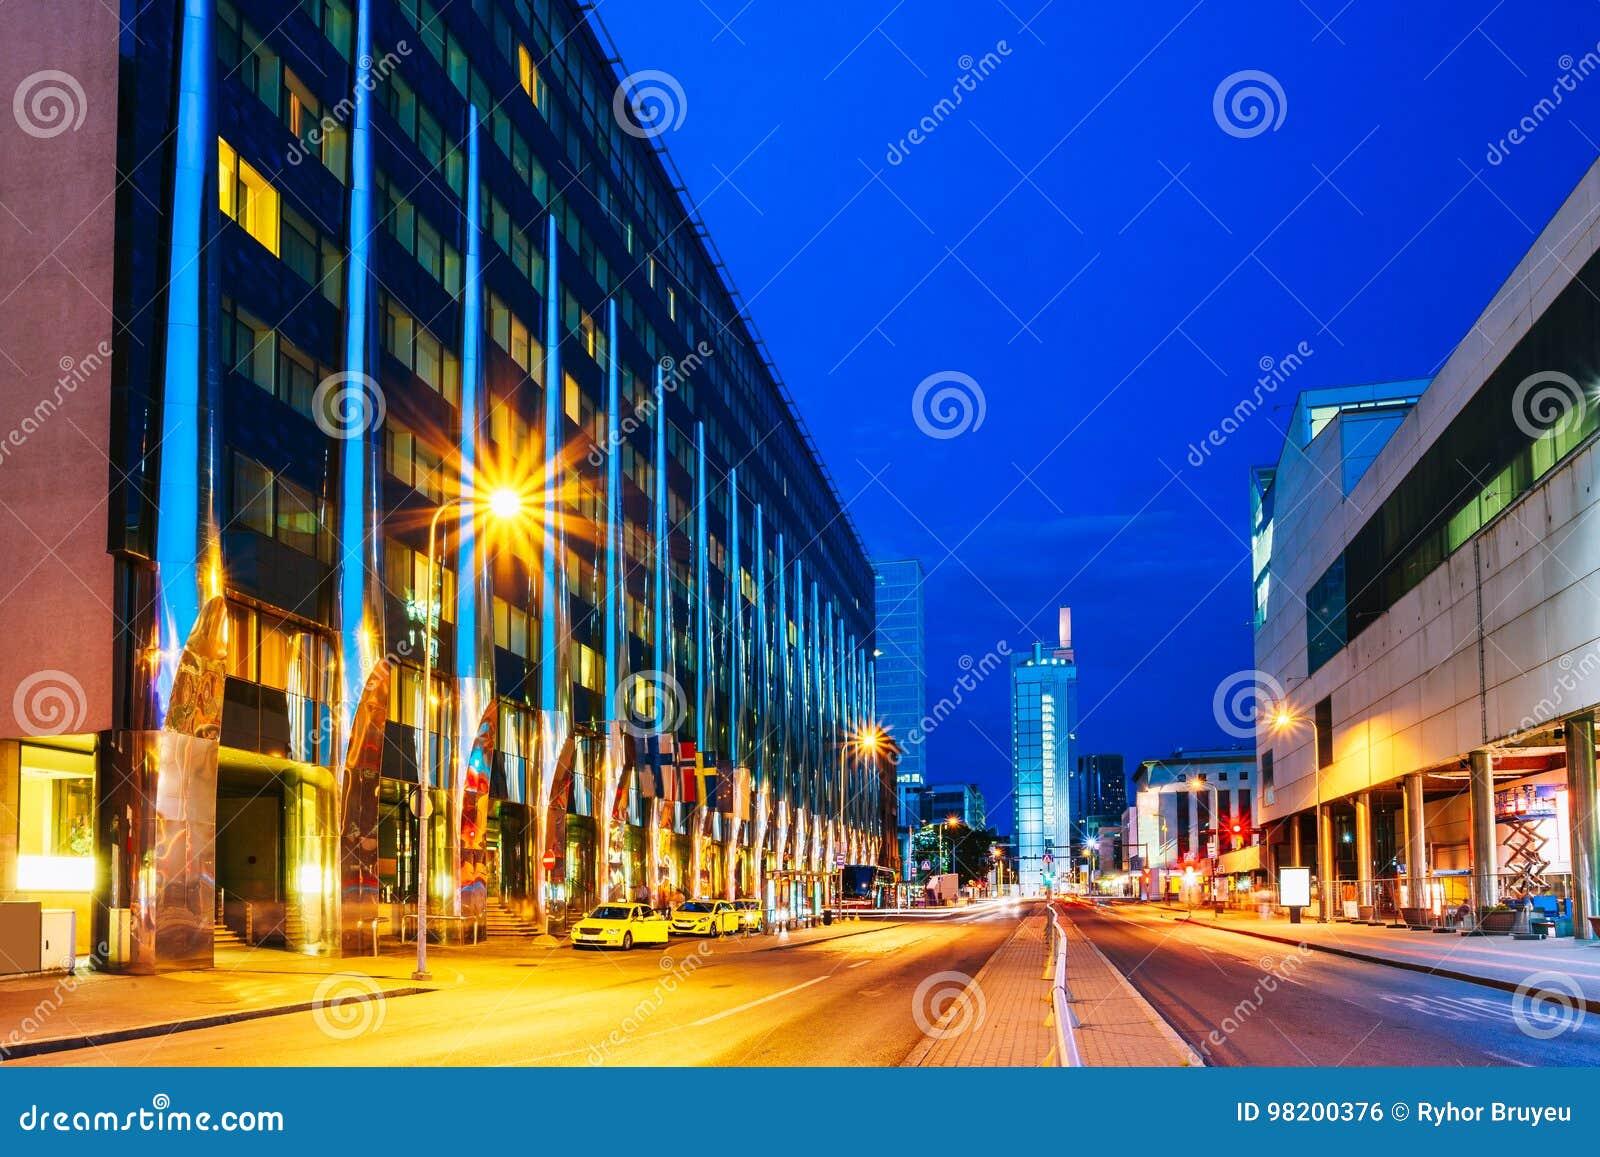 Download эстония Tallinn Взгляд ночи здания гостиницы в освещении вечера или ночи на A Улица Laikmaa Редакционное Фото - изображение насчитывающей известно, лето: 98200376